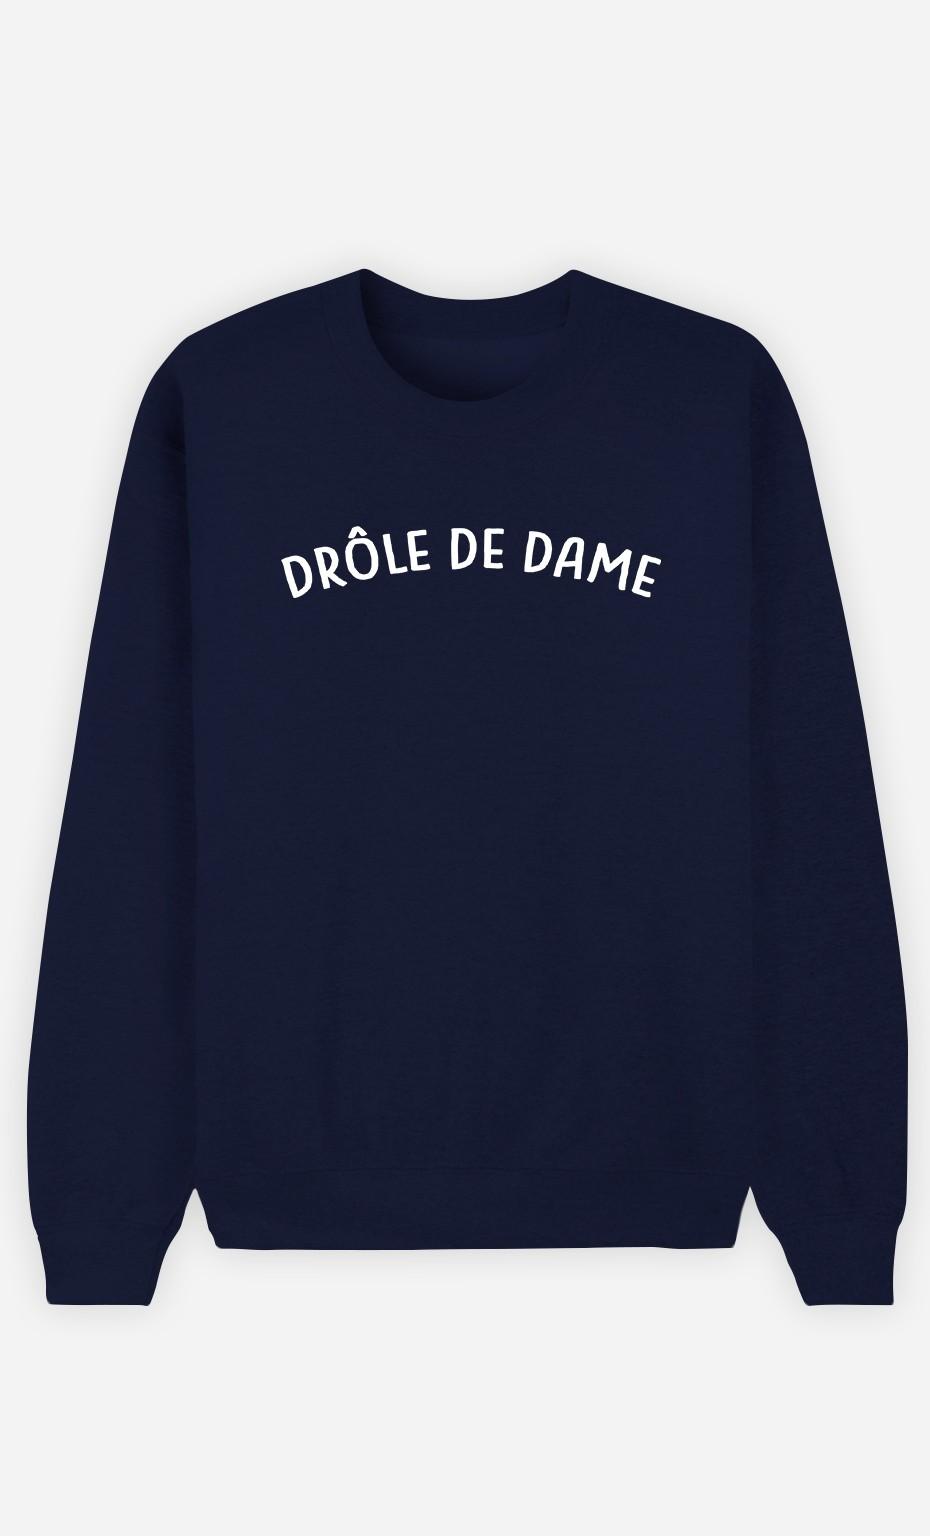 Sweat Bleu Femme Drole De Dame Wooop Fr